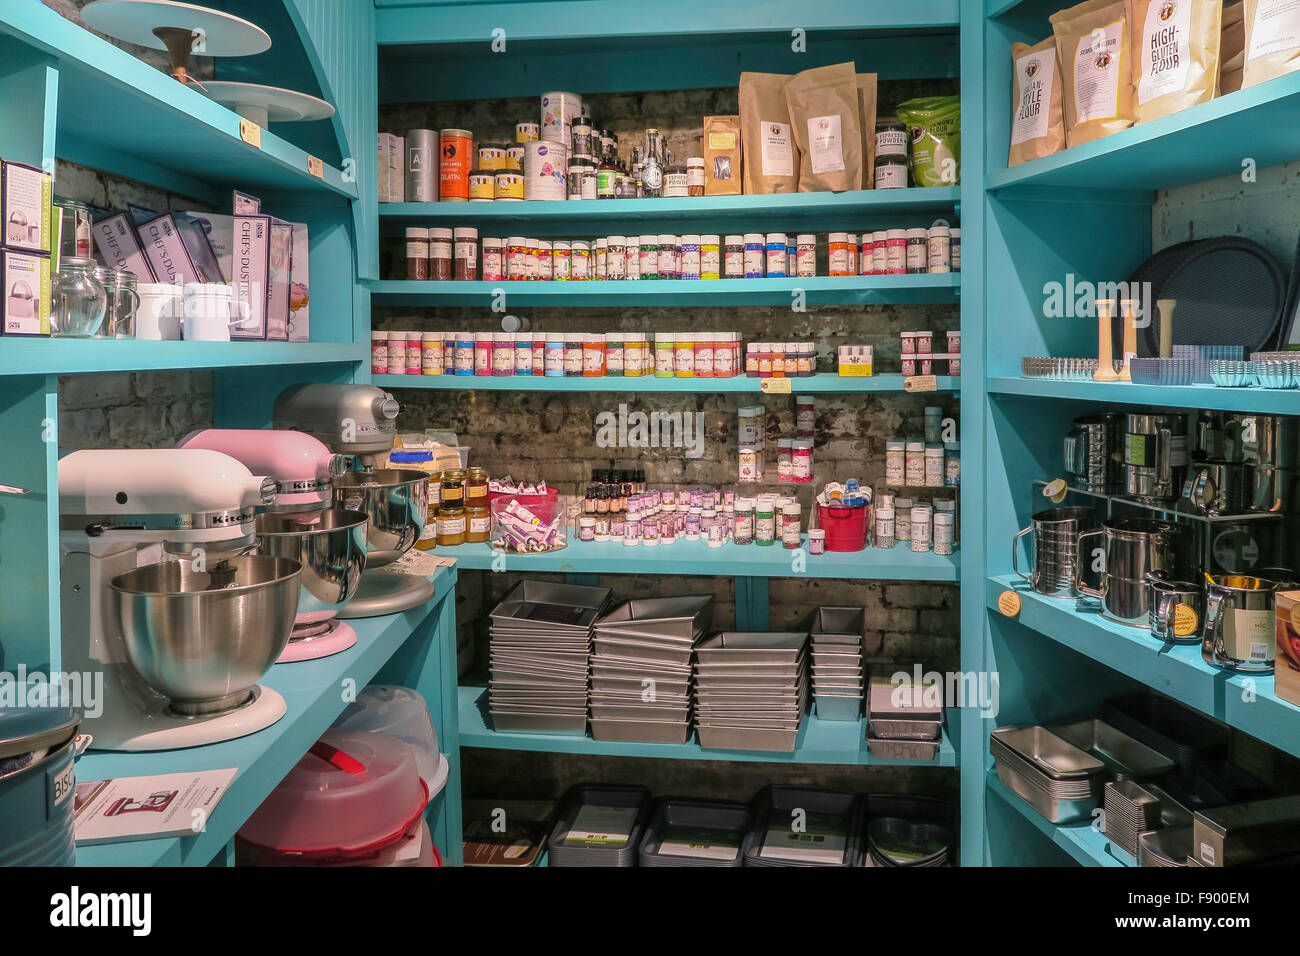 Charmant U0027Whisku0027 Kitchen And Table Store Interior, NYC   Stock Image U0027